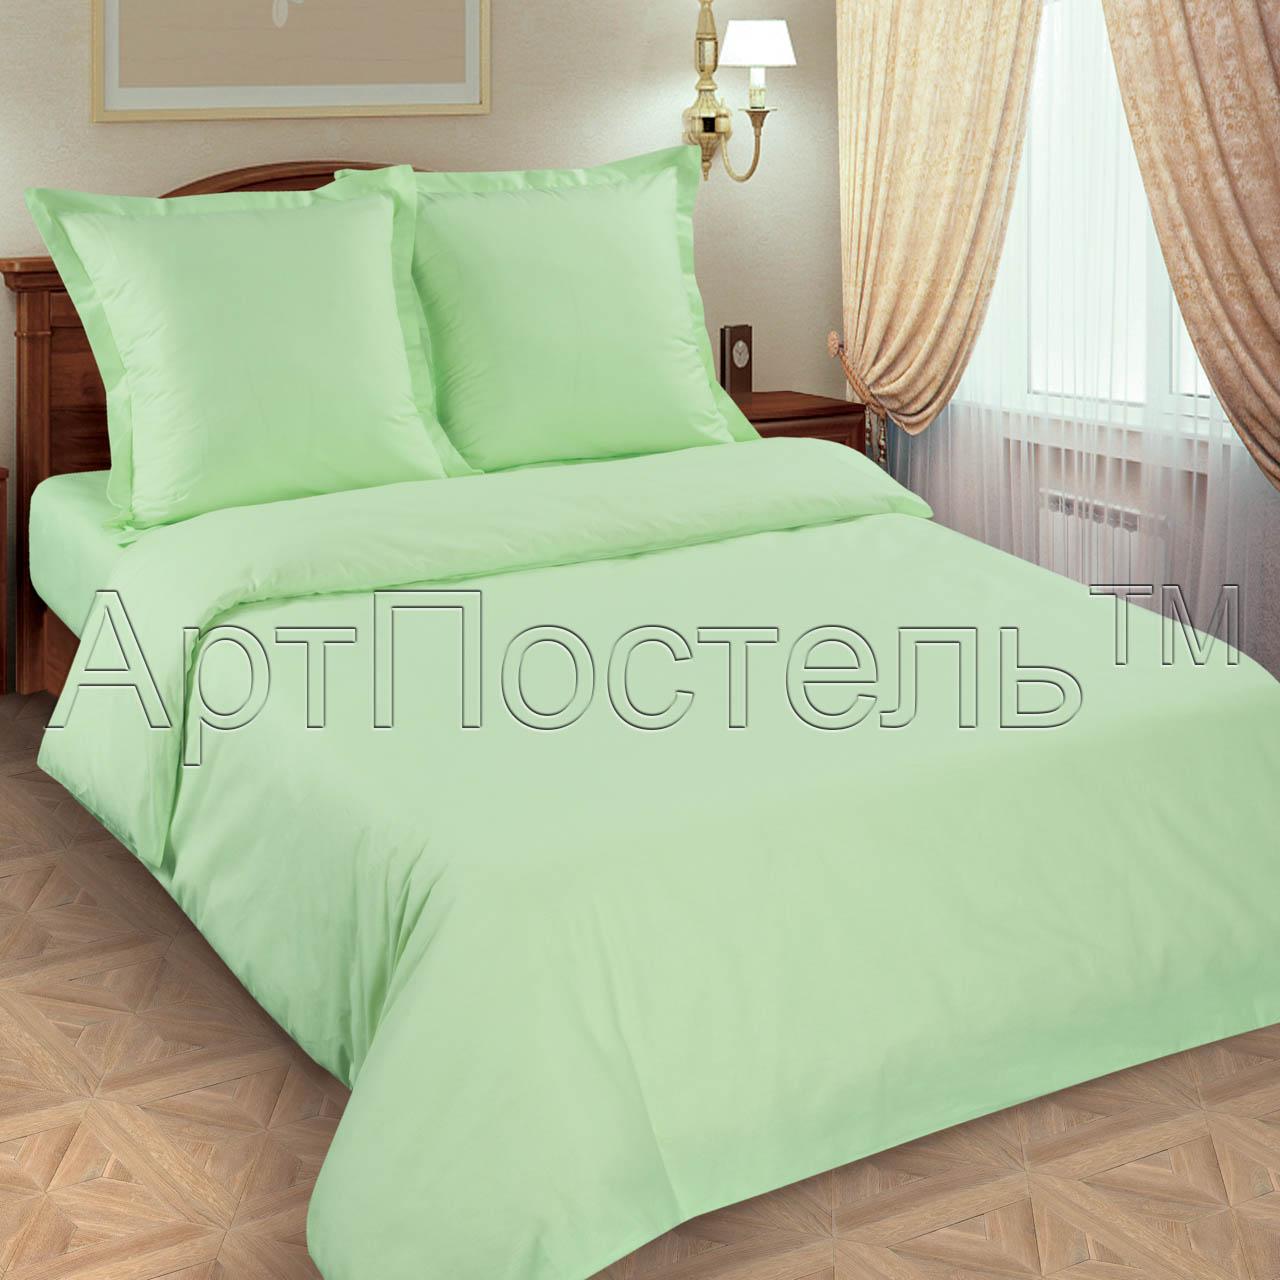 Комплект Свежесть, размер 2,0-спальный с европростынейПоплин<br>Плотность ткани: 115 г/кв. м <br>Пододеяльник: 217х175 см - 1 шт. <br>Простыня: 220х240 см - 1 шт. <br>Наволочка: 70х70 см - 2 шт.<br><br>Тип: КПБ<br>Размер: 2,0-сп. евро<br>Материал: Поплин